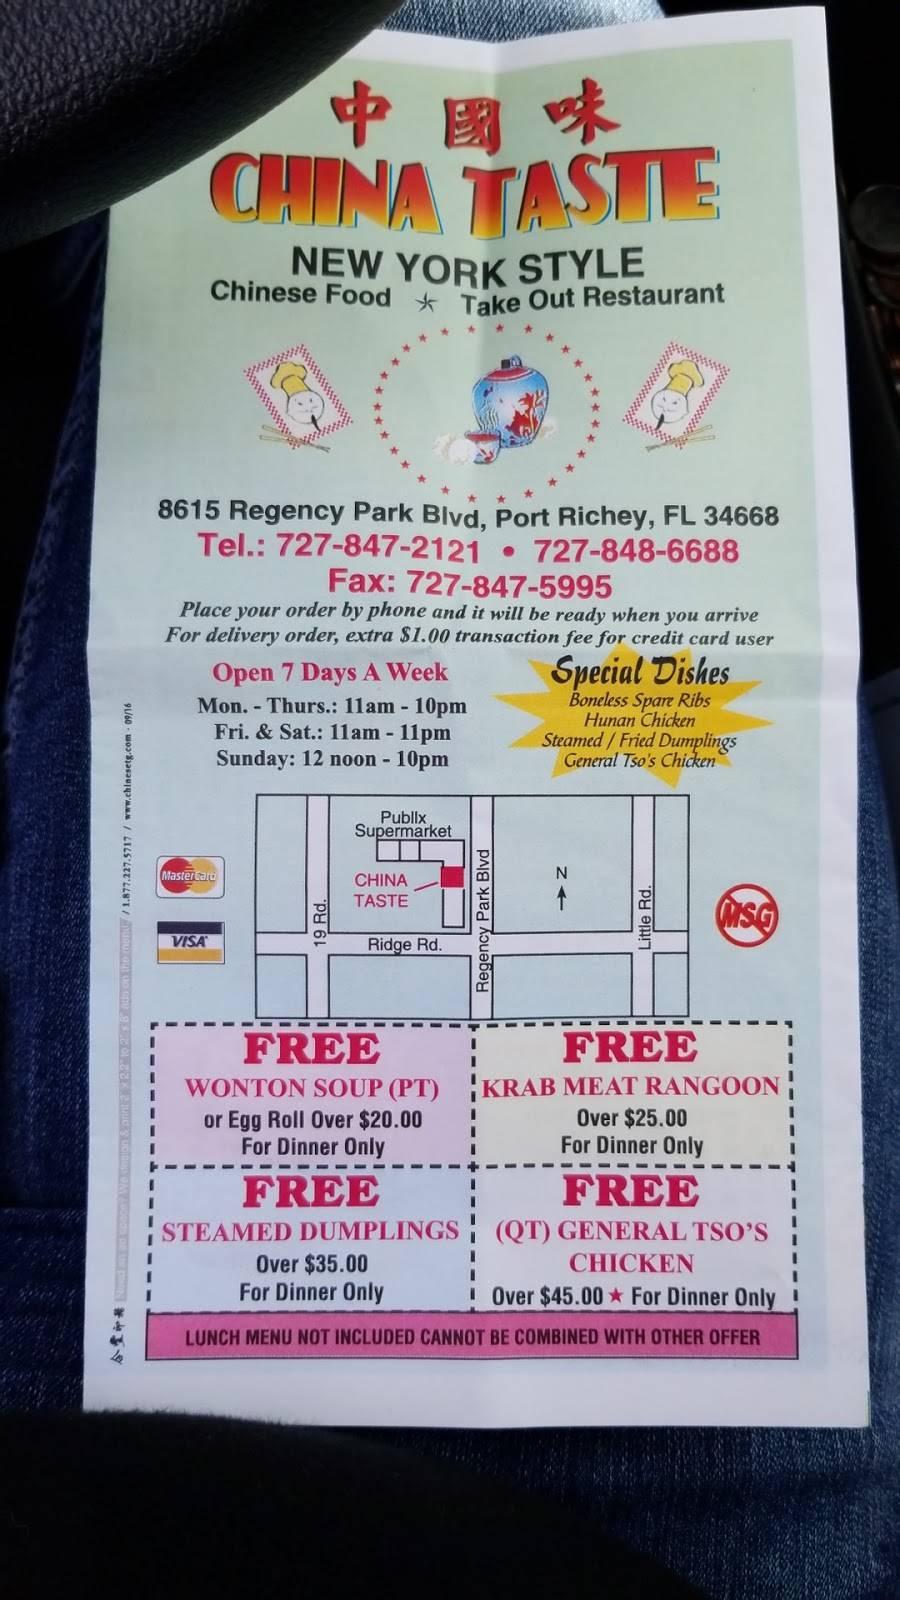 China Taste   restaurant   8615 Regency Park Blvd, Port Richey, FL 34668, USA   7278472121 OR +1 727-847-2121